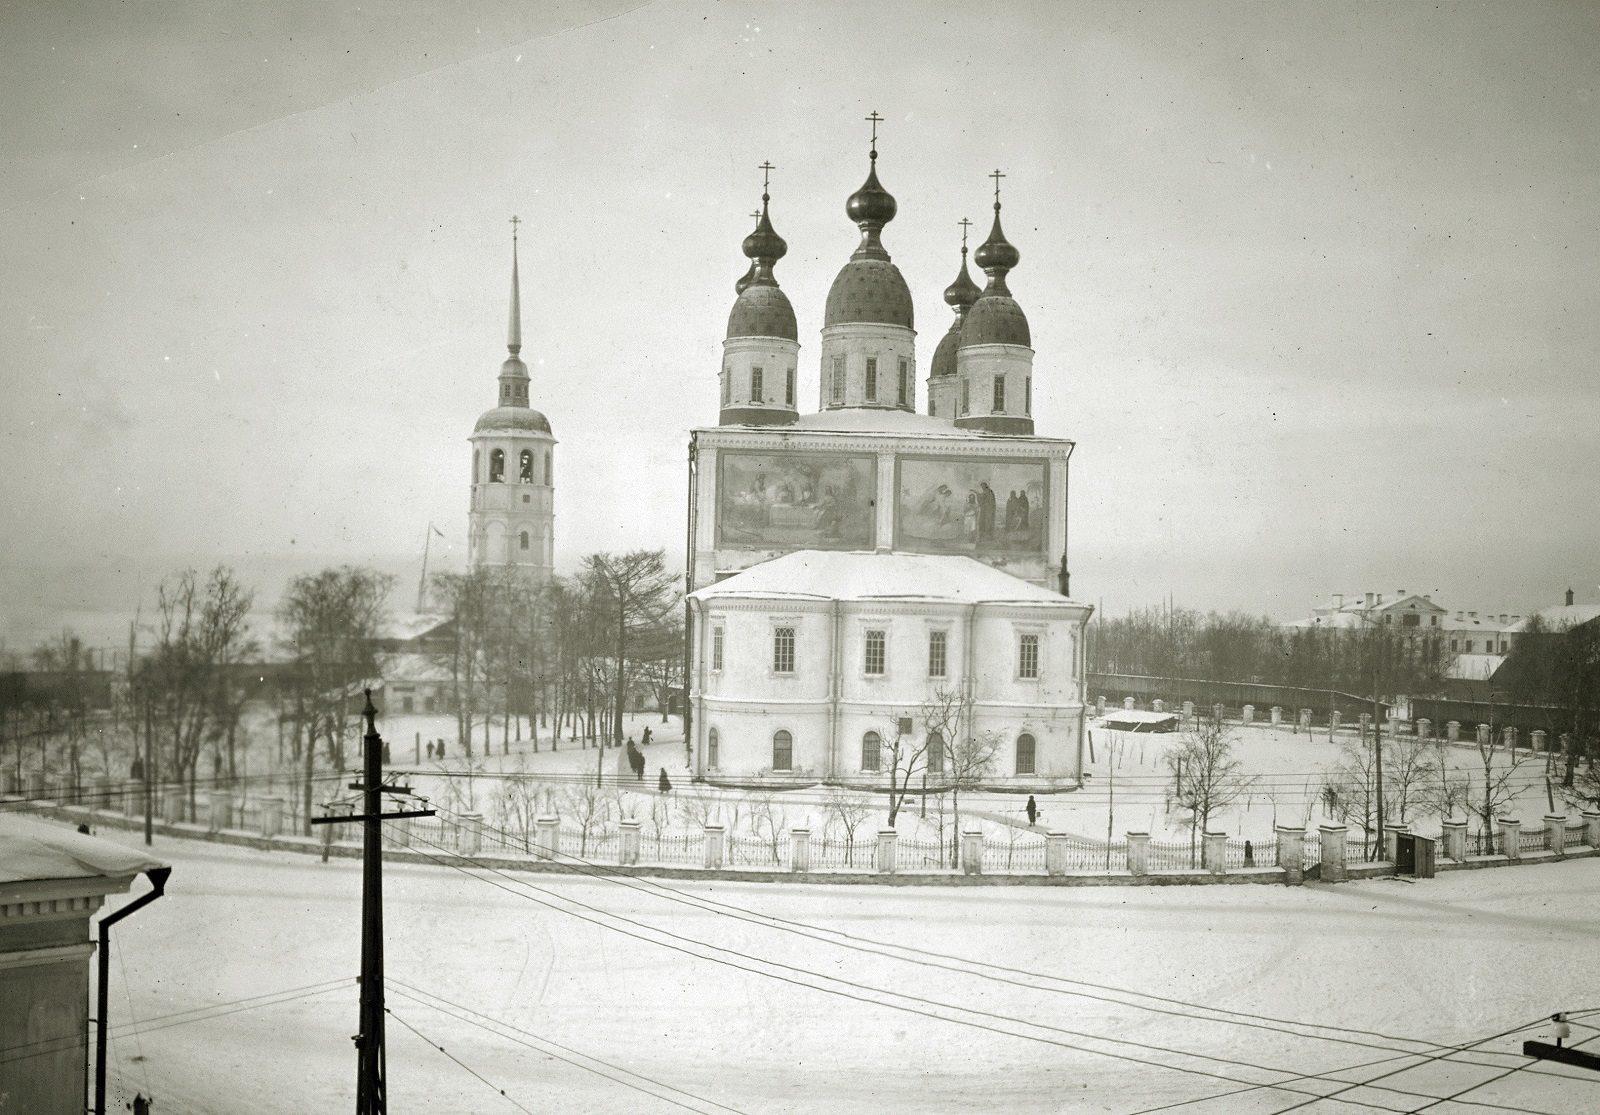 Arkhangelsk Cathedral during revolution and civil war 1918-1919